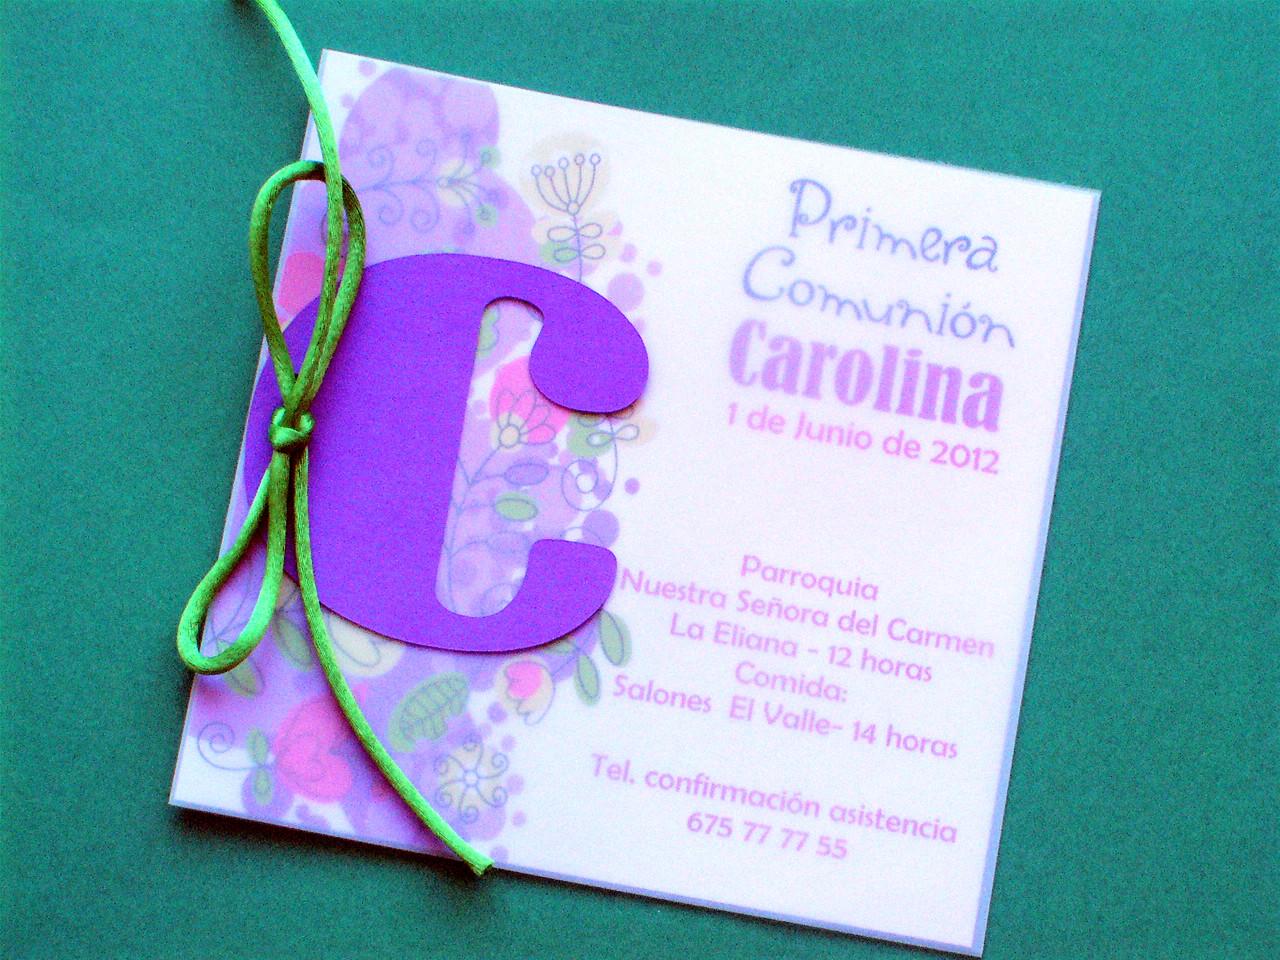 Invitaciones comunion especiales dobleainvitaciones - Como hacer tarjetas para comunion ...